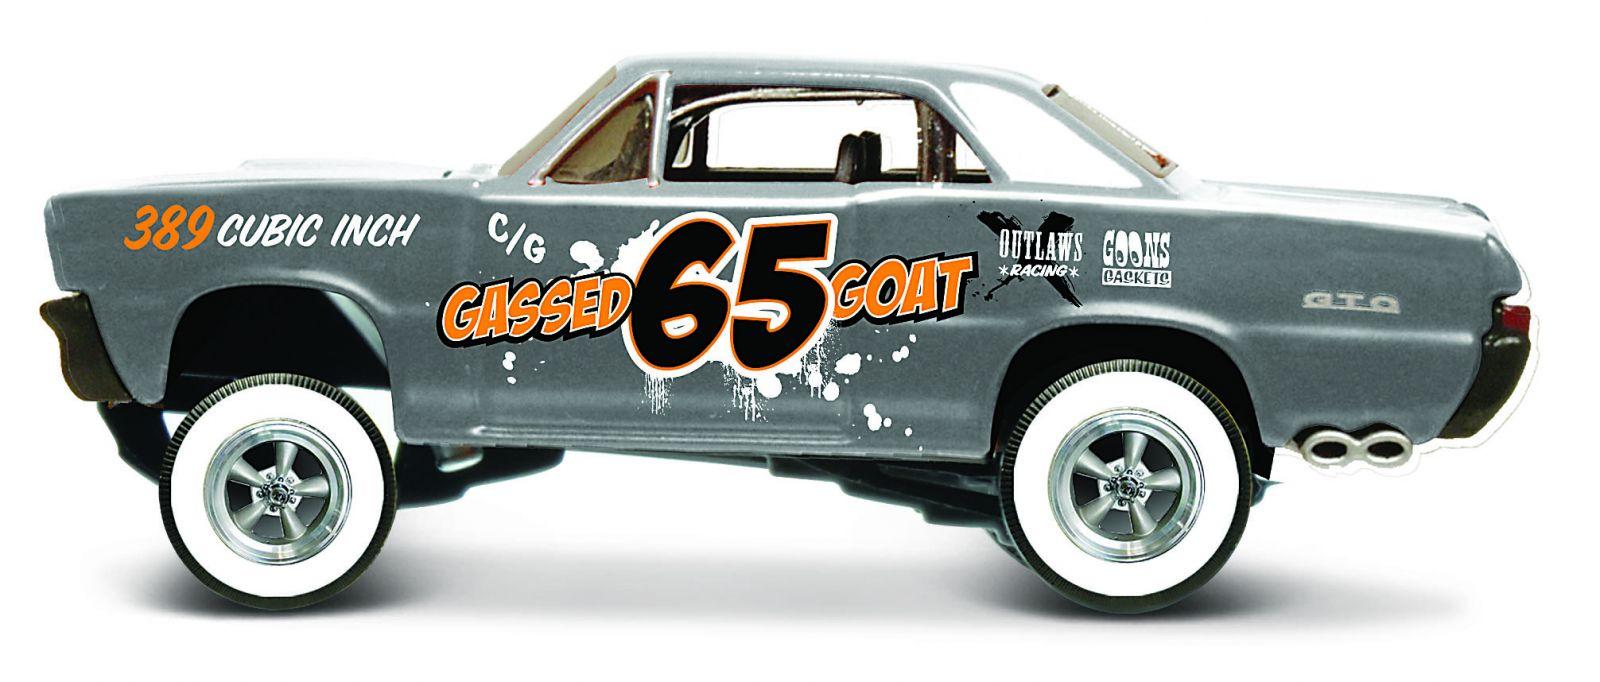 Maisto 1:64 15494 Design - Pontiac GTO 1965 - šedá barva